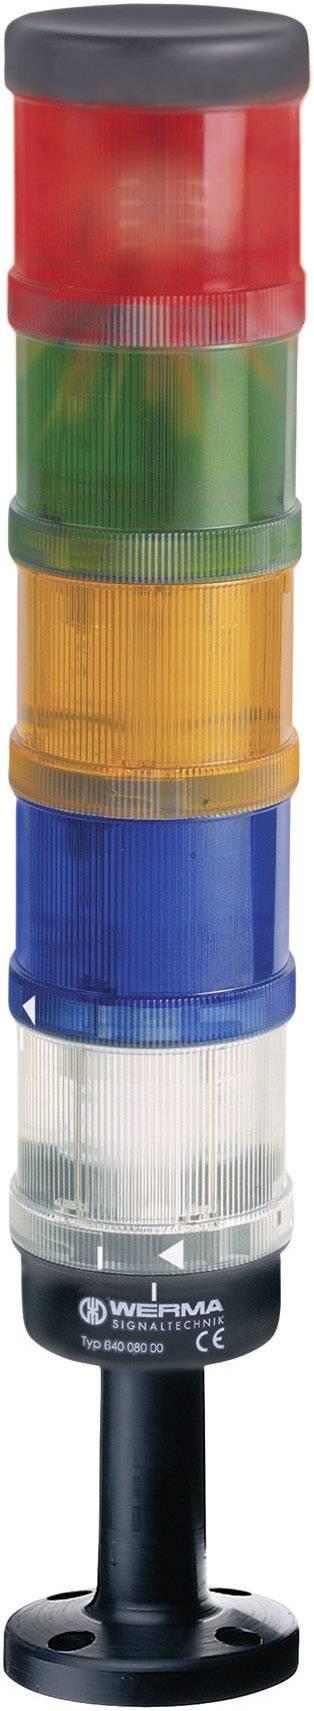 Súčasť signalizačného stĺpika LED Werma Signaltechnik WERMA KombiSign 71 644.500.75, 24 V/DC, trvalé svetlo, modrá